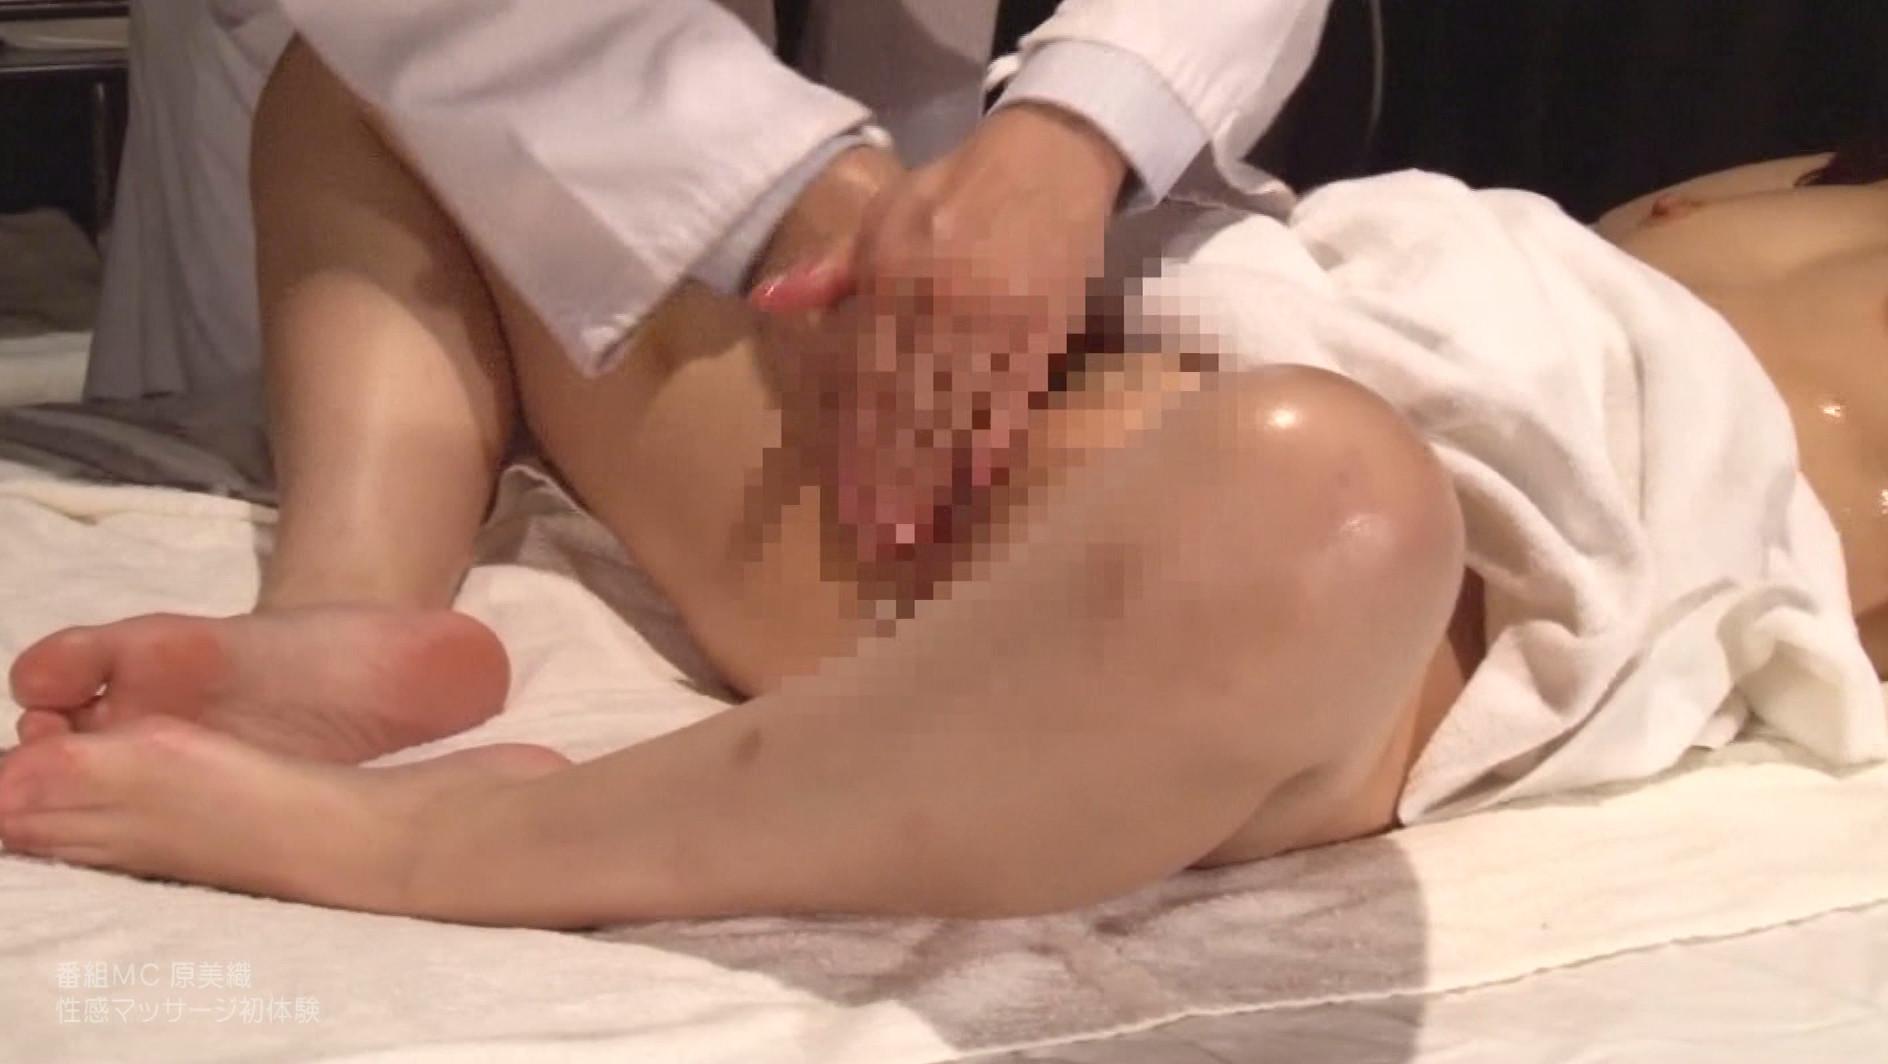 かわいい歯科助手のお姉さんを性感マッサージでとことんイカせてみた 画像6